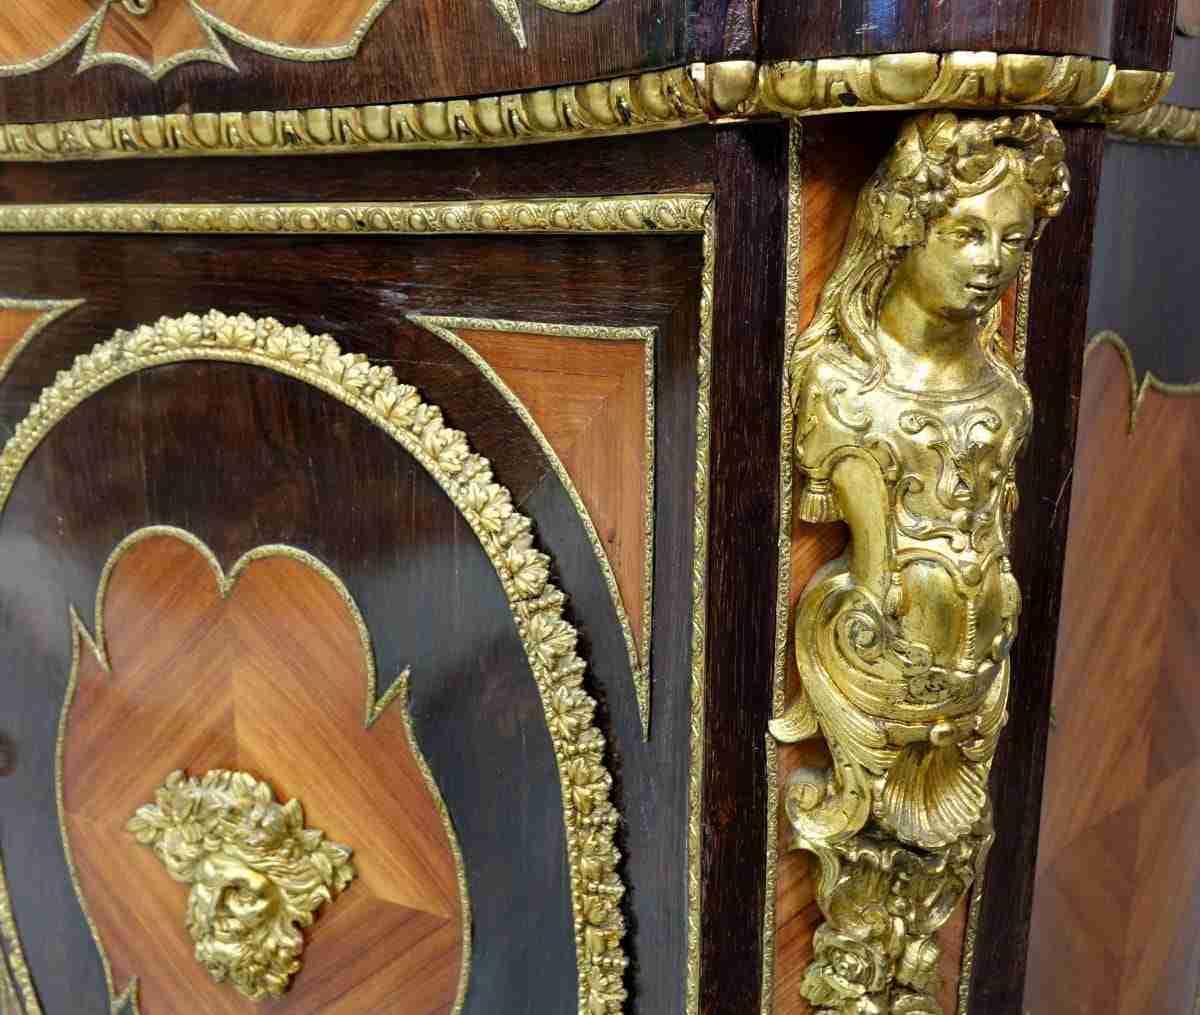 credebza-bronzo-dorato-napoleone-iii-7